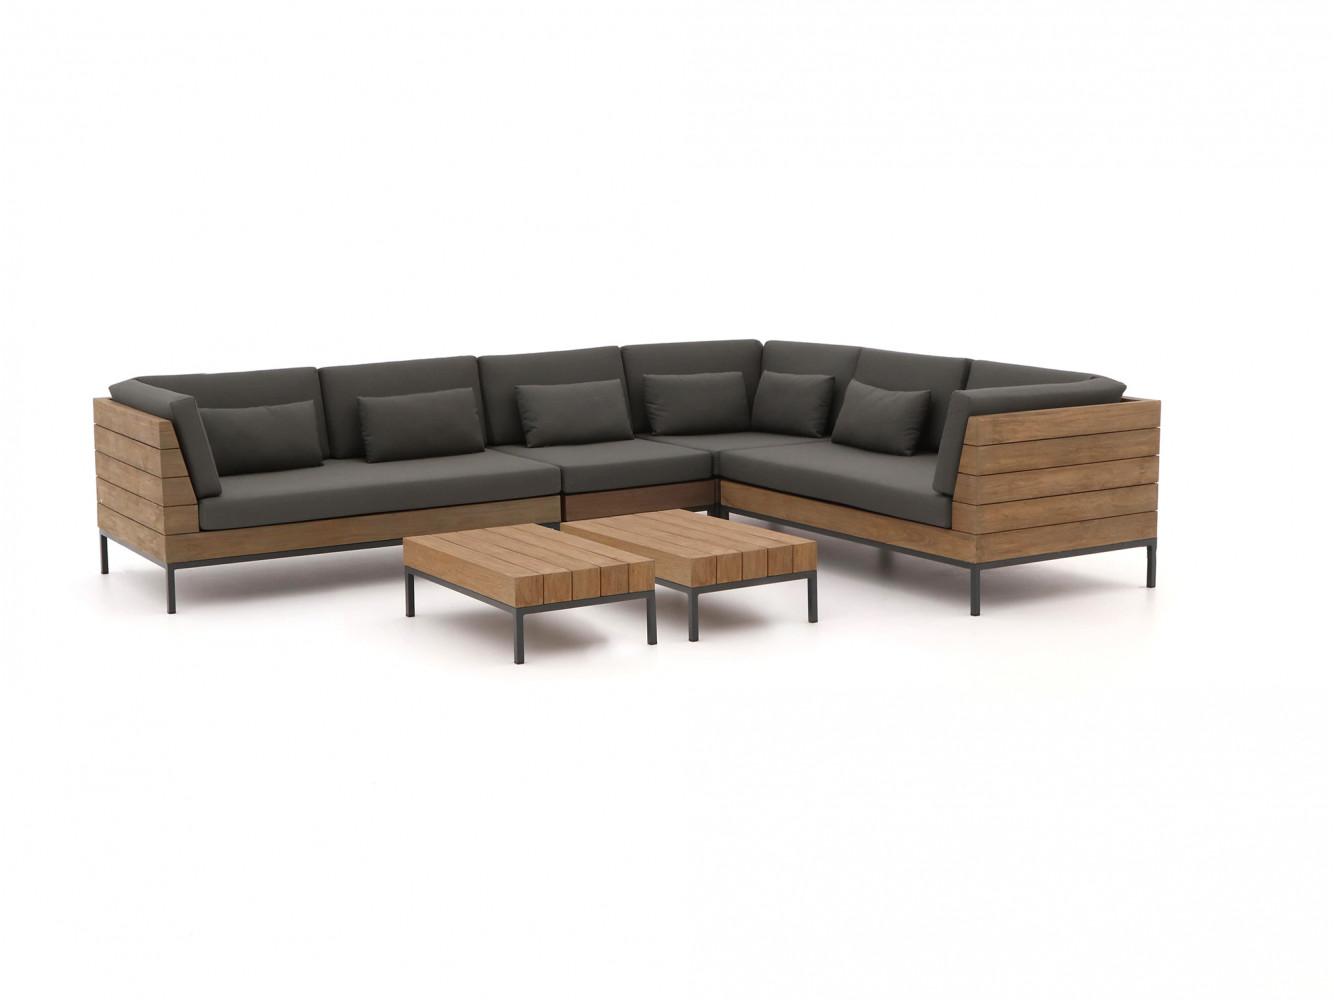 Kussens Loungeset Buiten : Bijzondere teak loungesets voor buiten nieuwe wonen